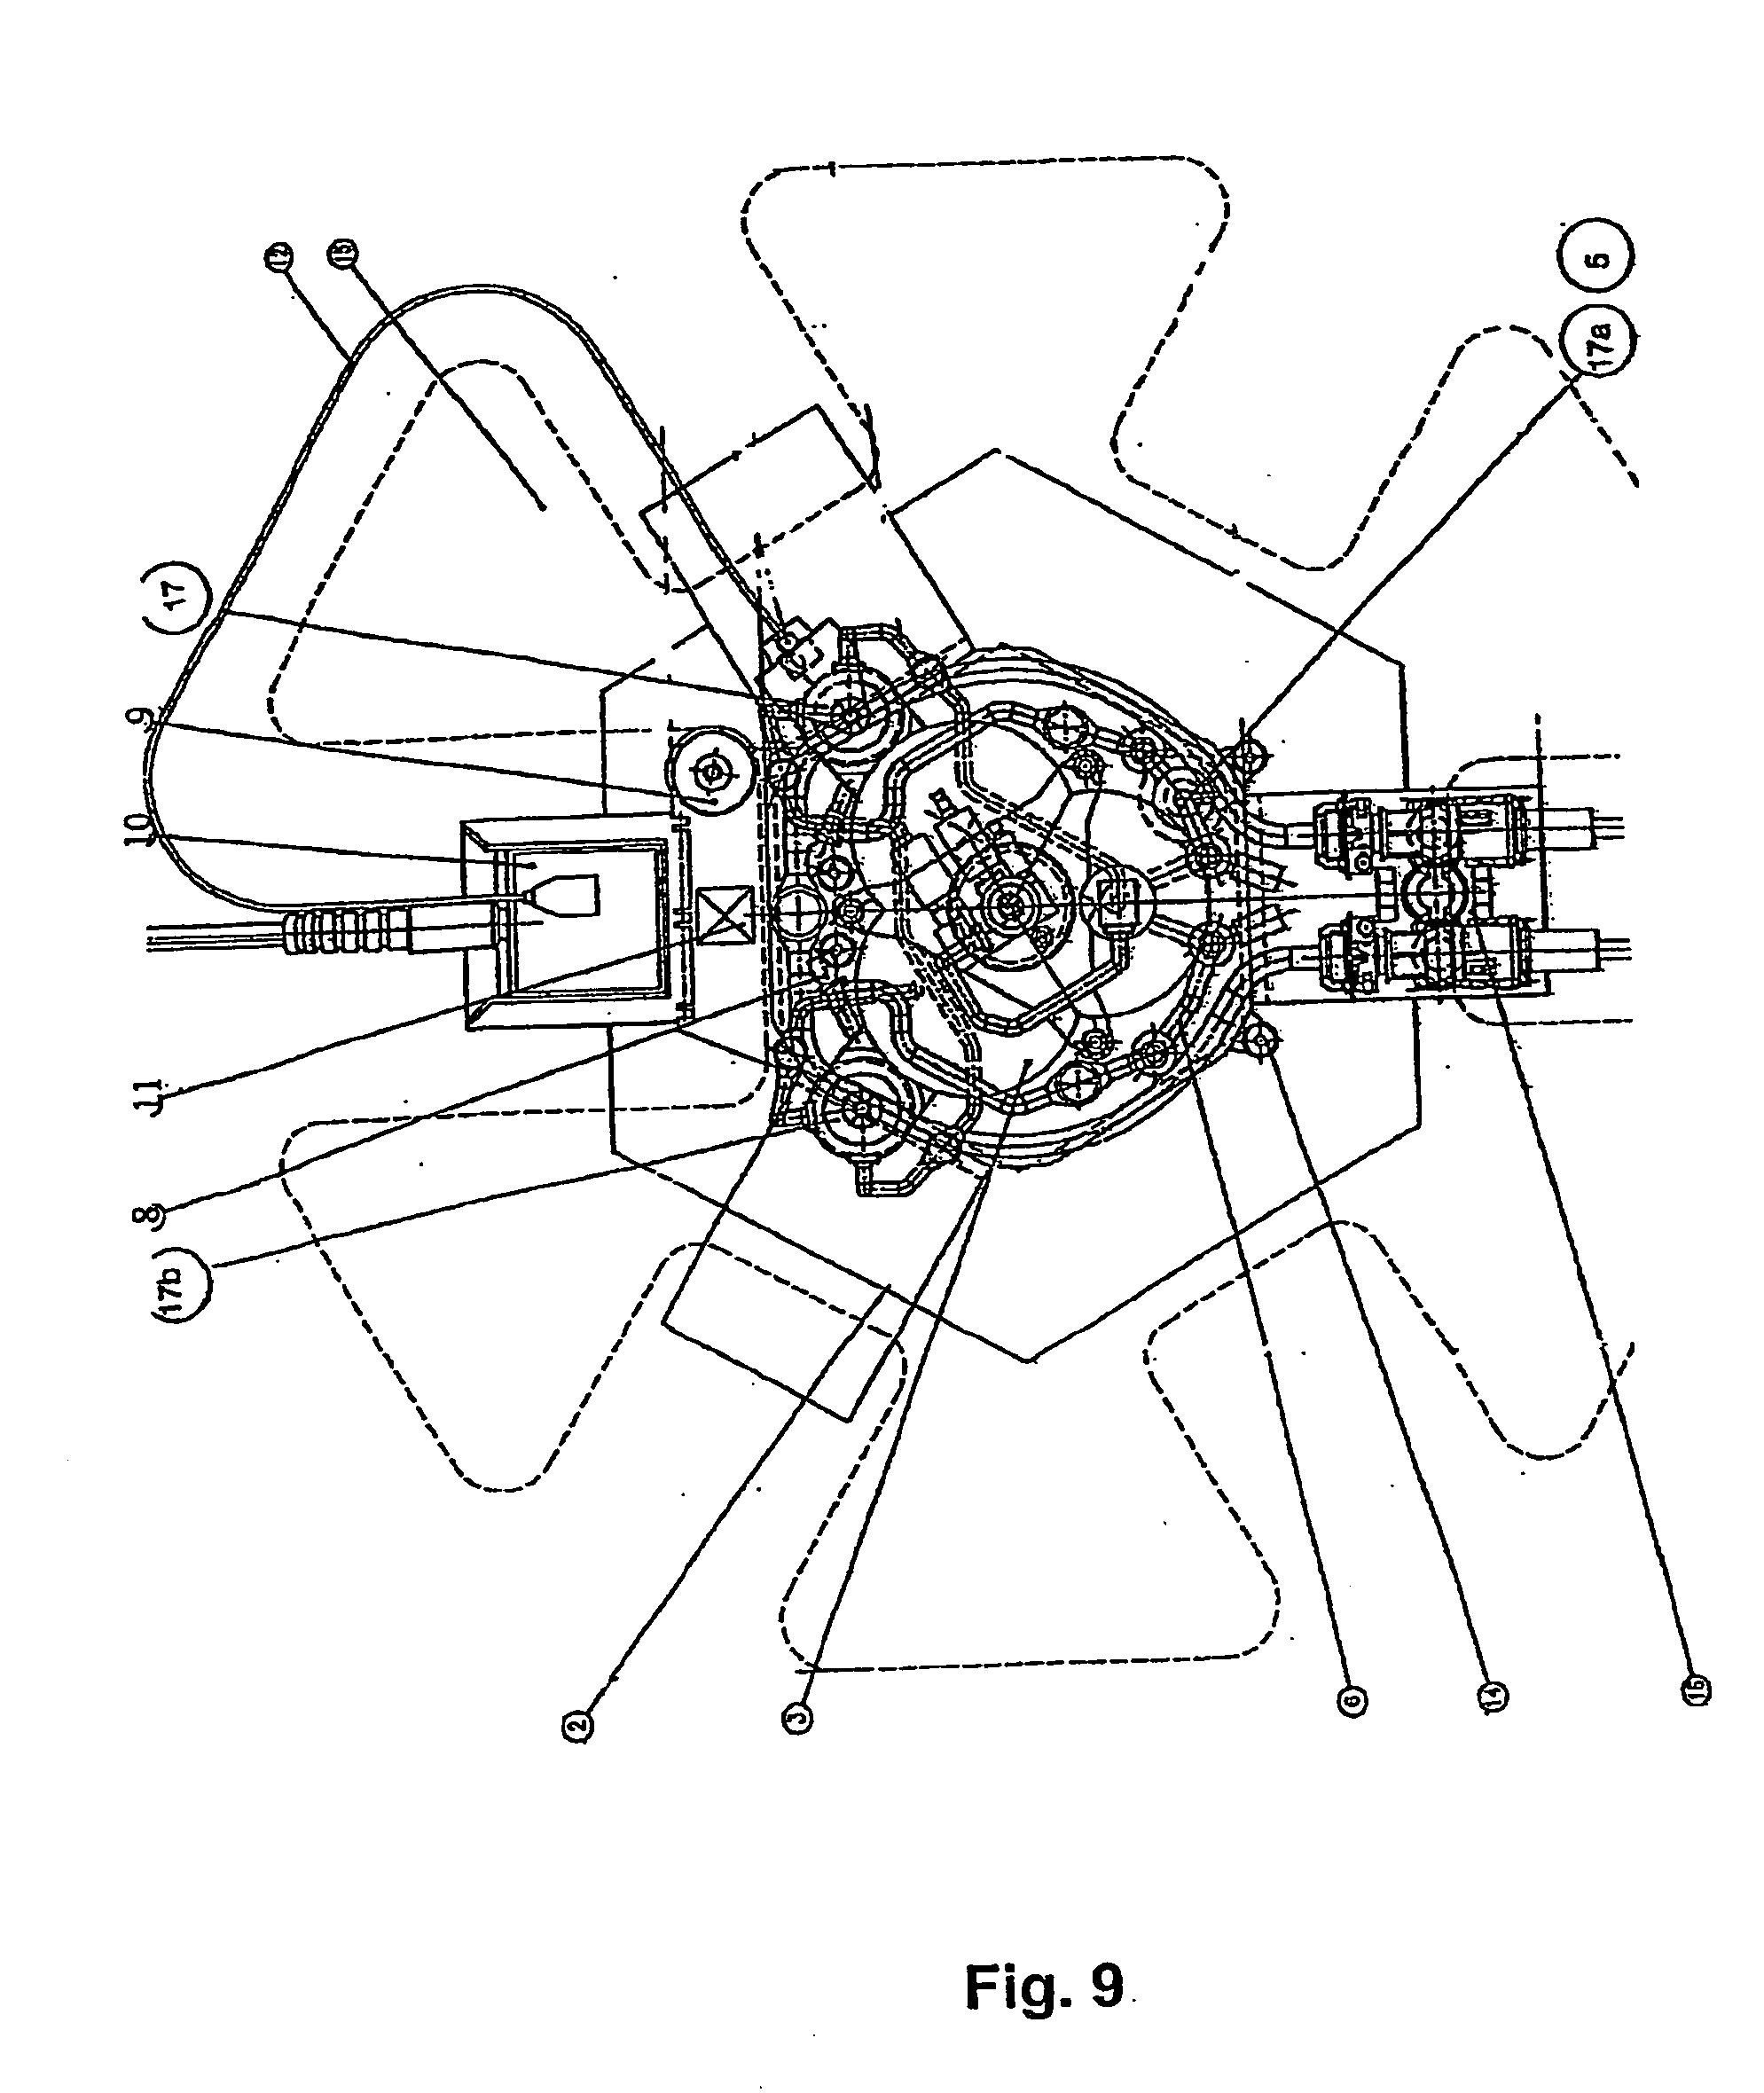 Subaru Wrx Wiring Diagram Html